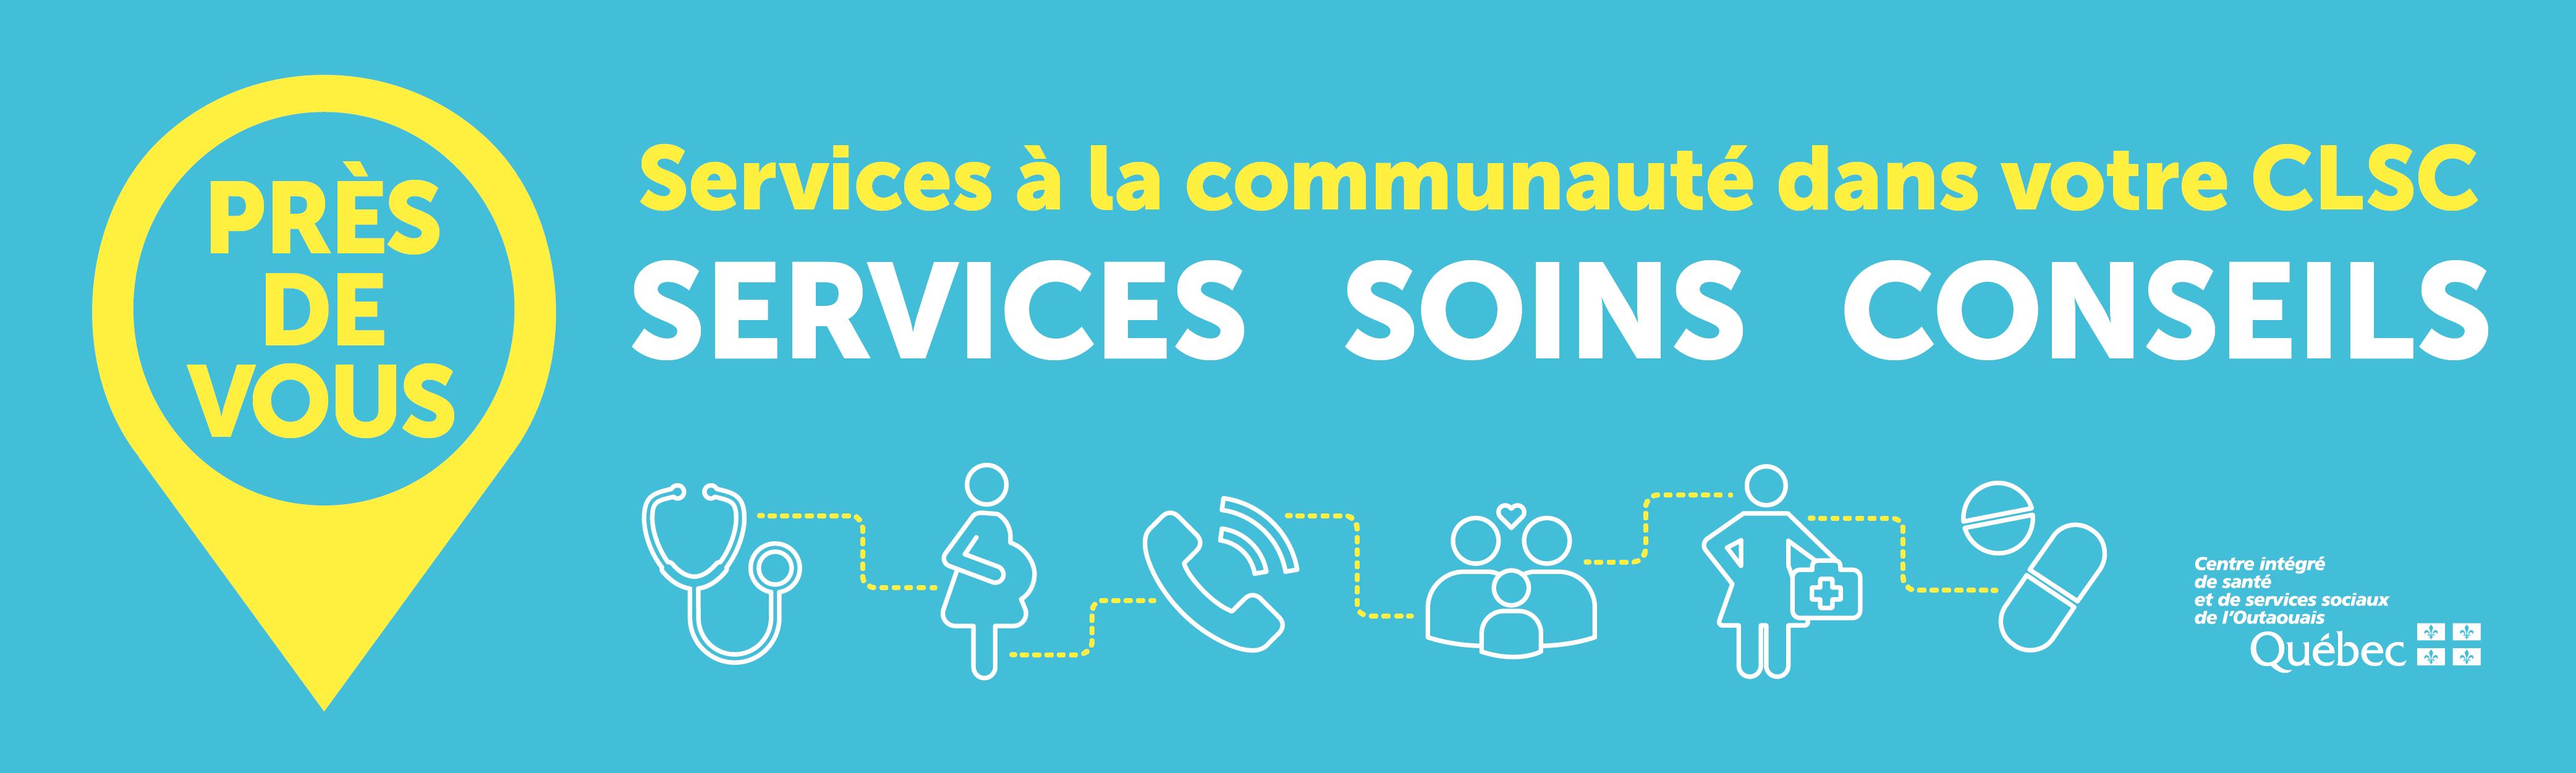 Services, soins et conseils en CLSC.